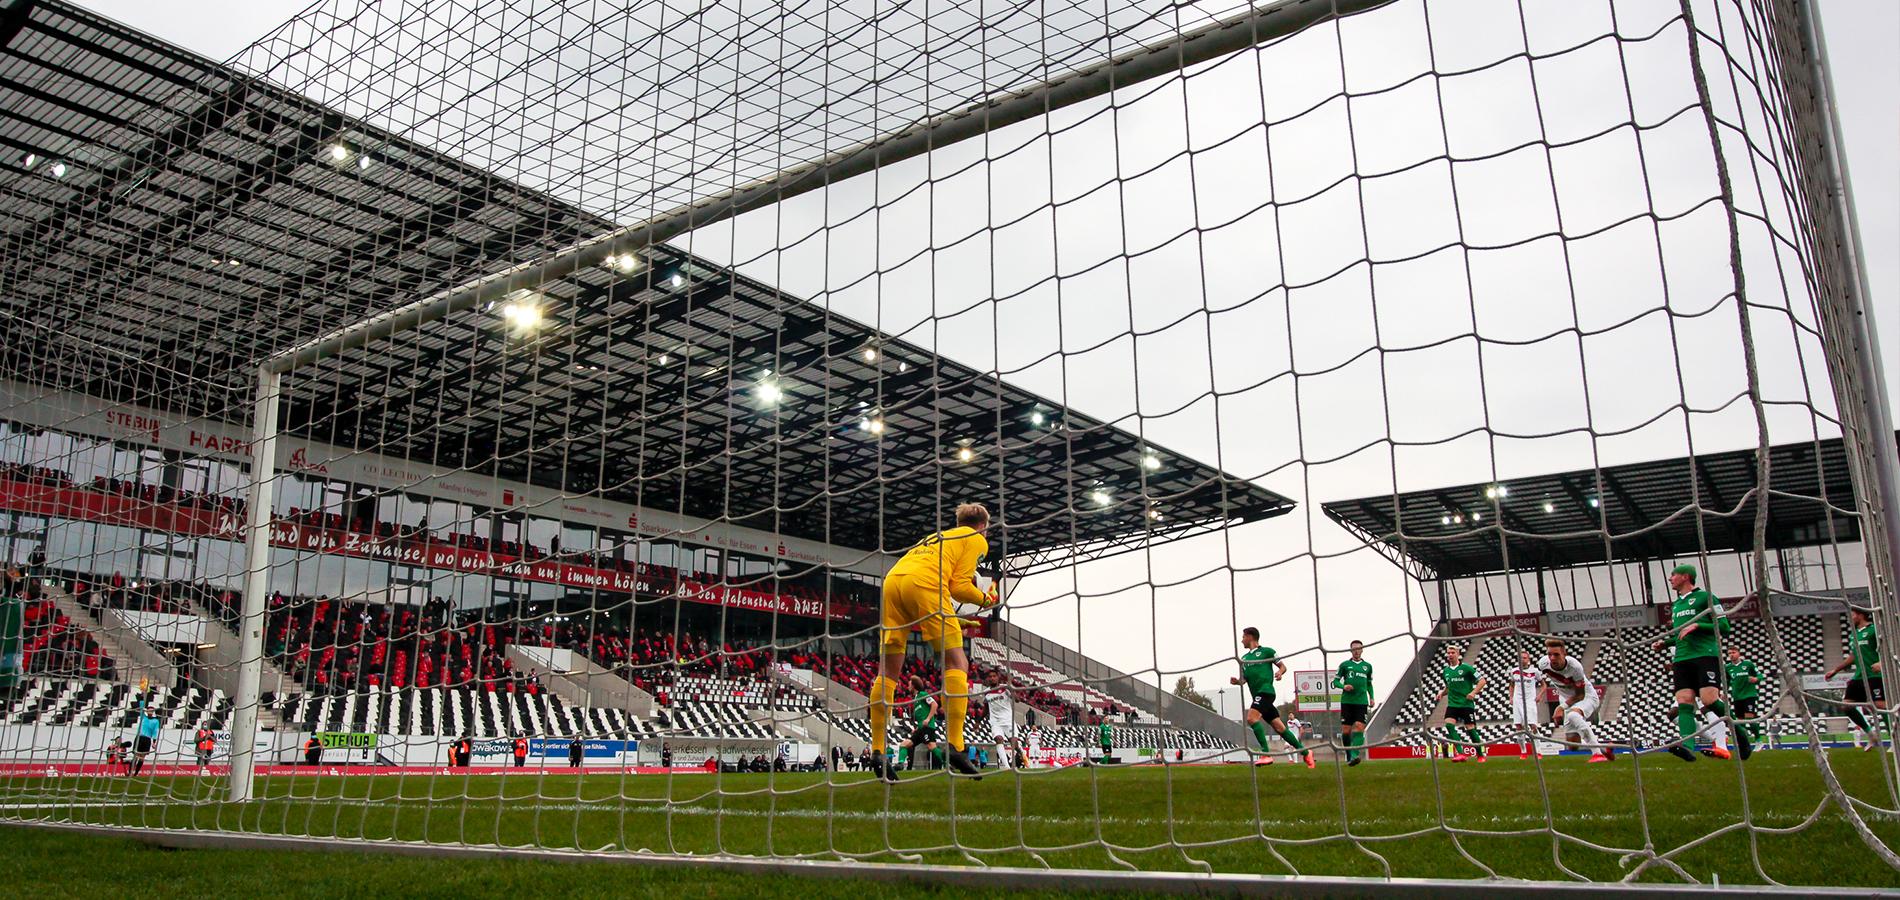 200 mehr als noch am letzten Samstag: Zum Heimspiel gegen RWO werden 500 Zuschauer erlaubt sein. (Foto: Endberg)